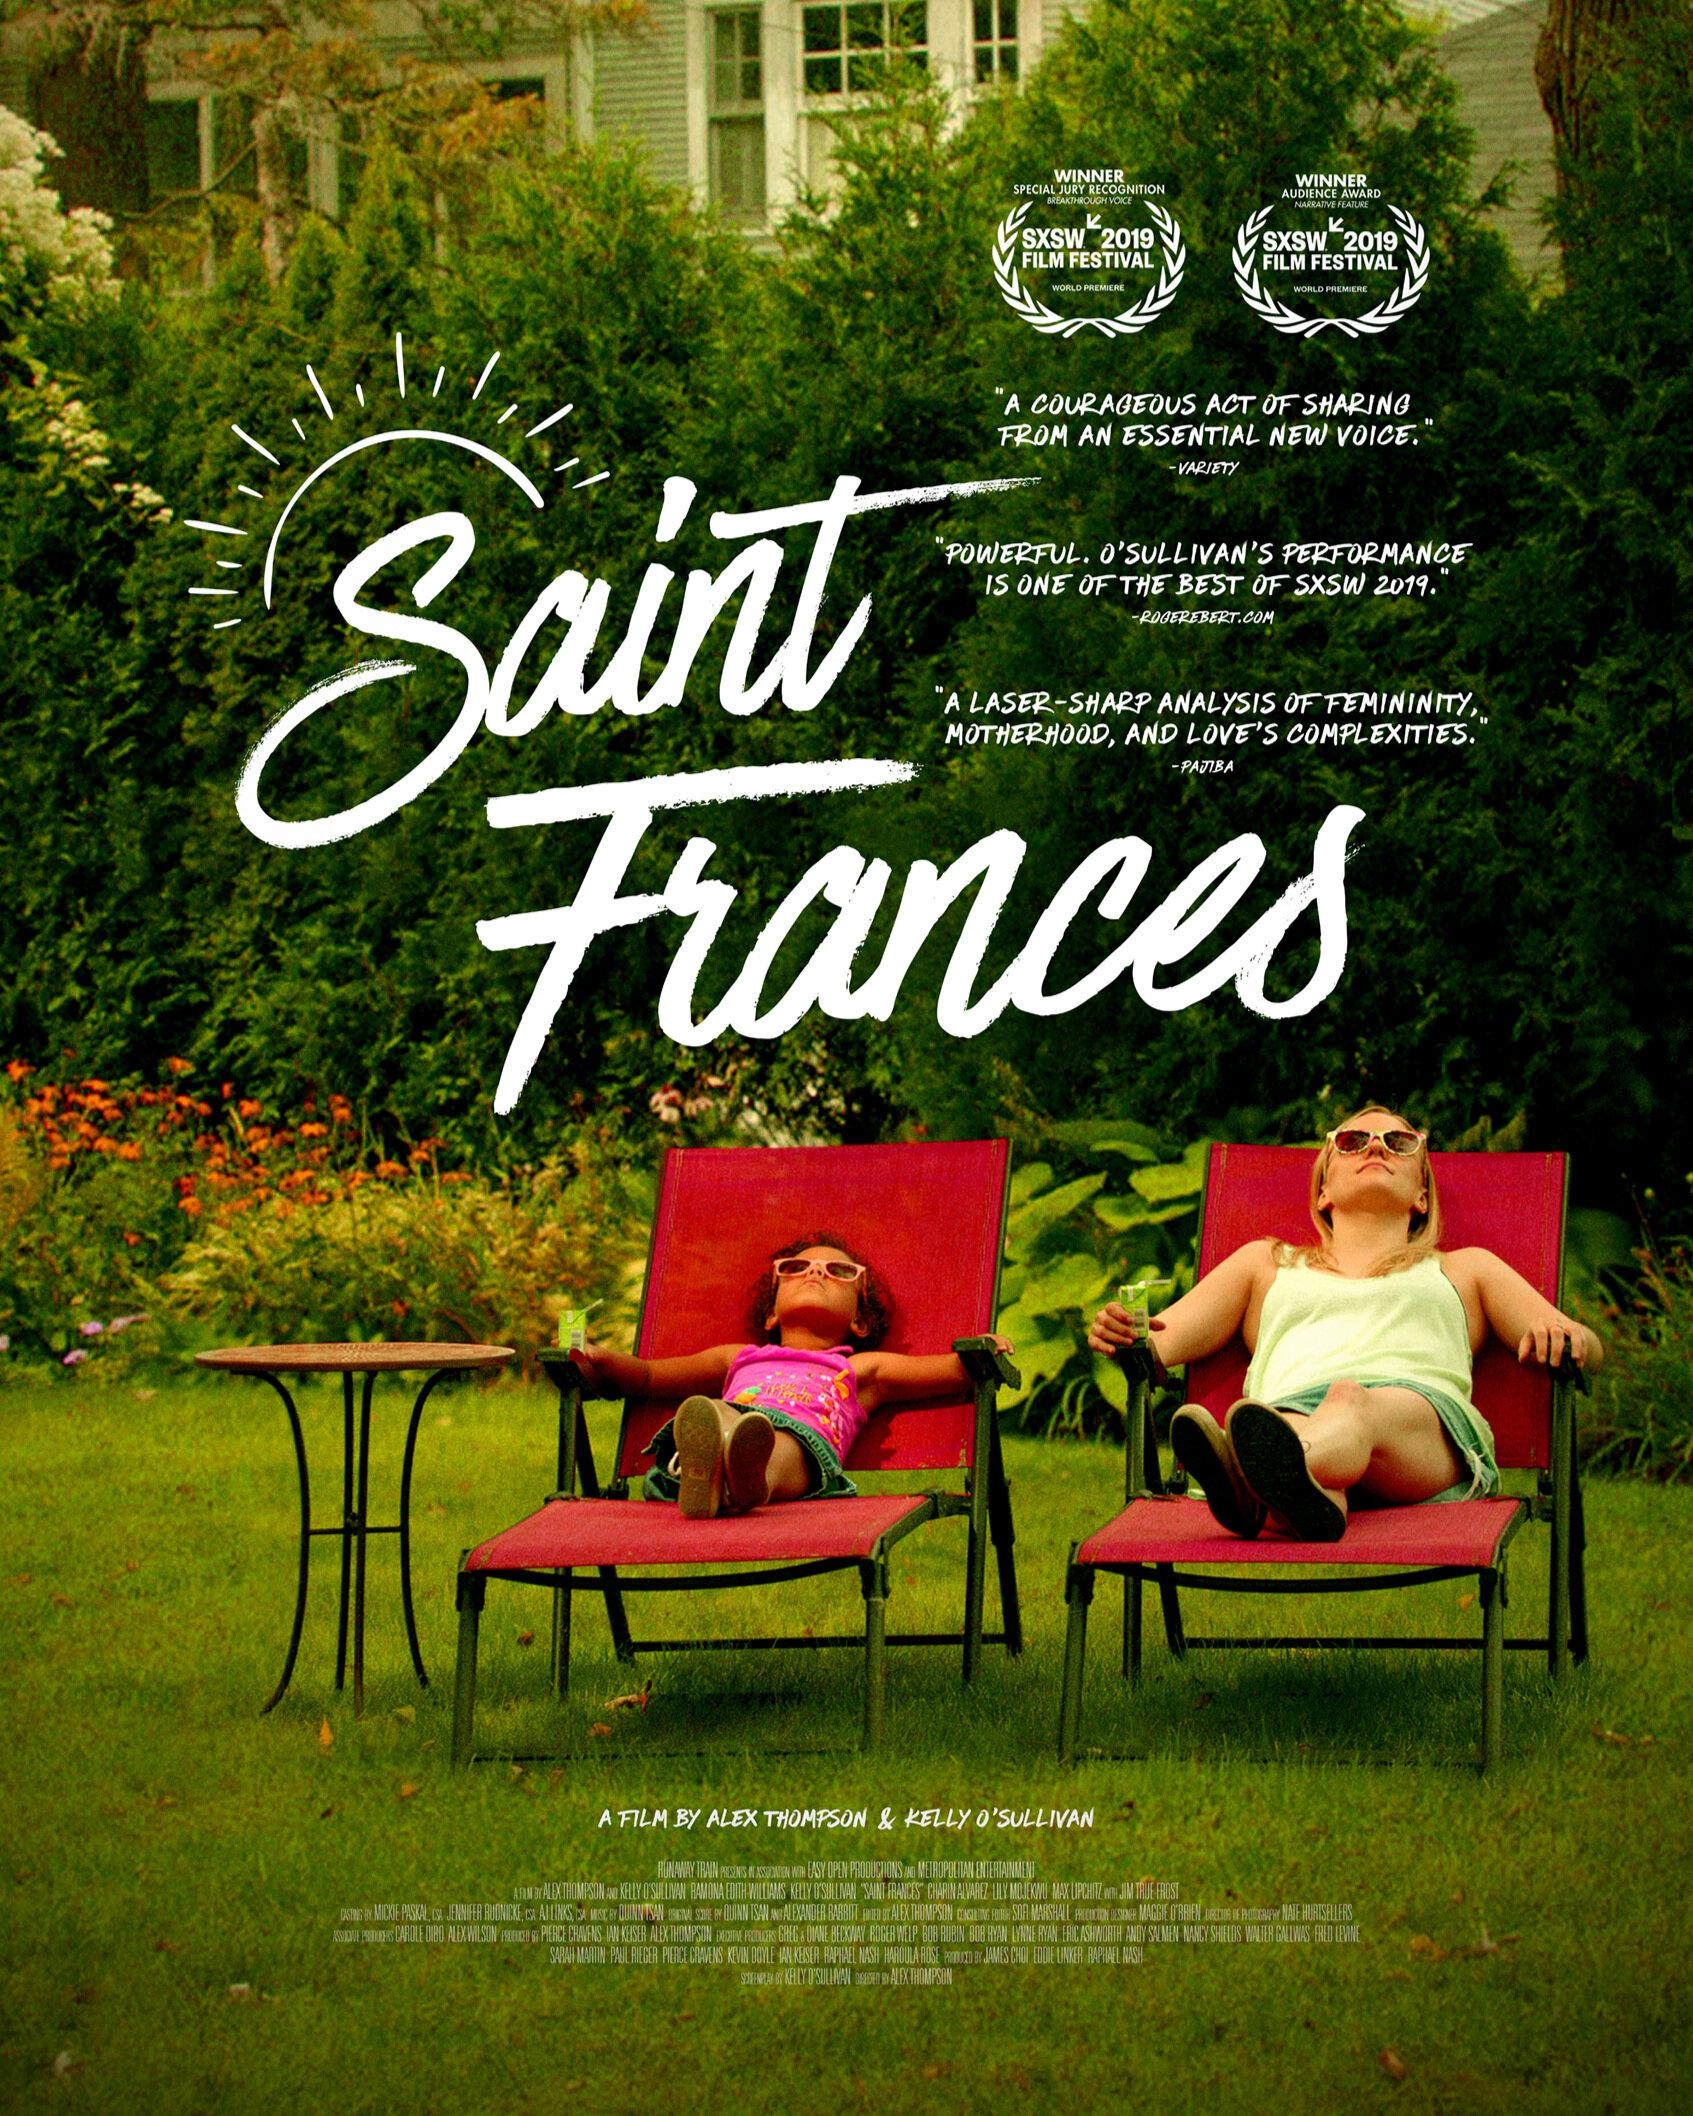 sAINT fRANCES -